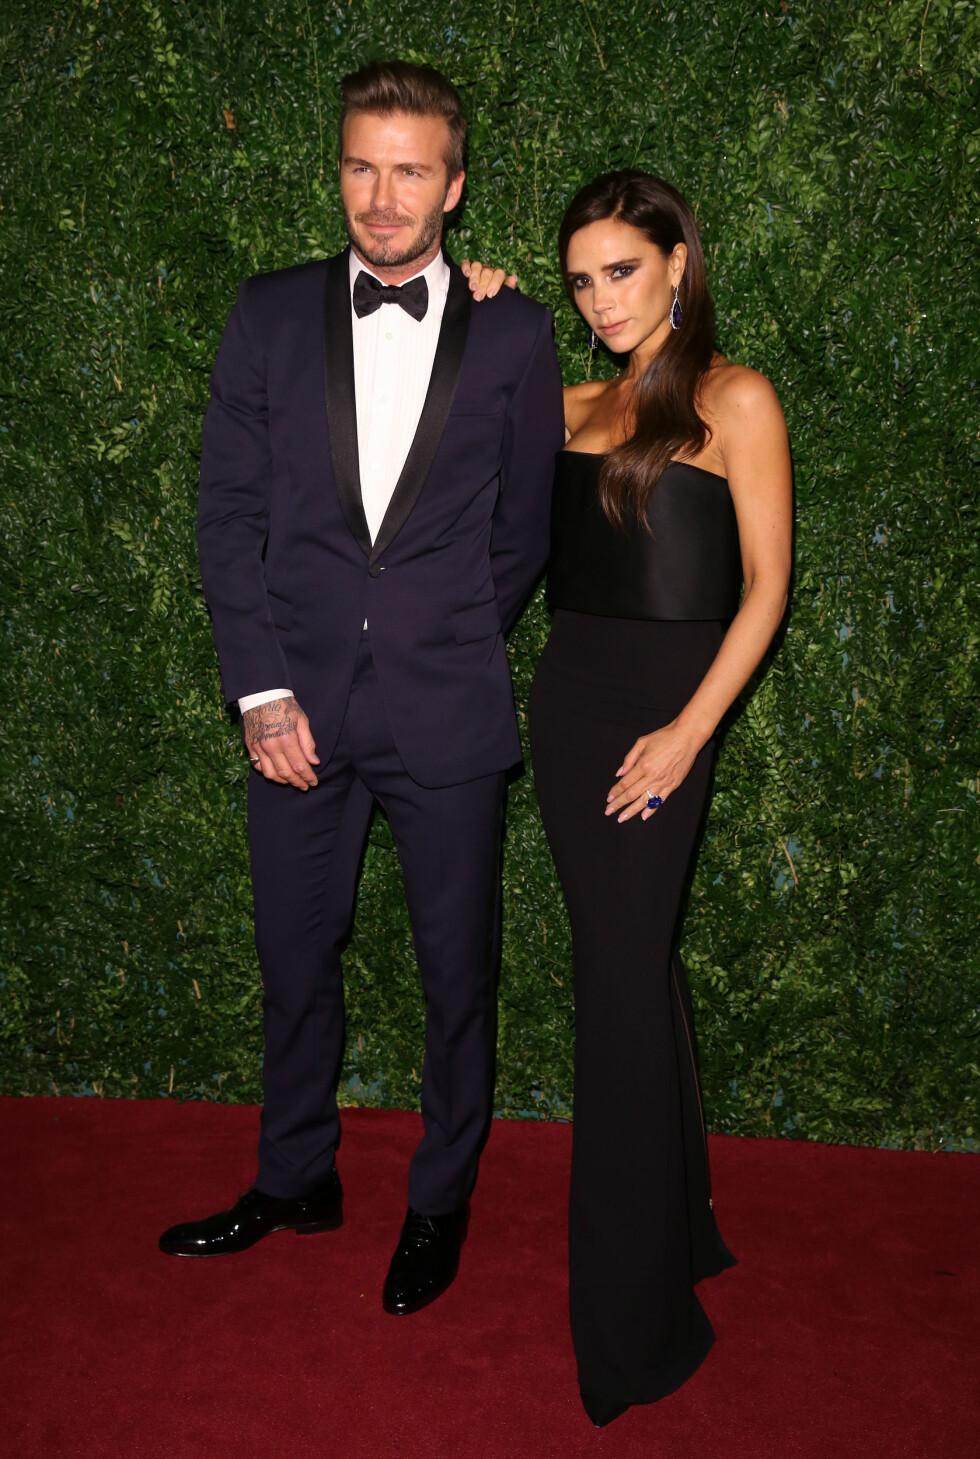 FORELSKET: Victoria og David Beckham giftet seg i 1999.  Foto: wenn.com